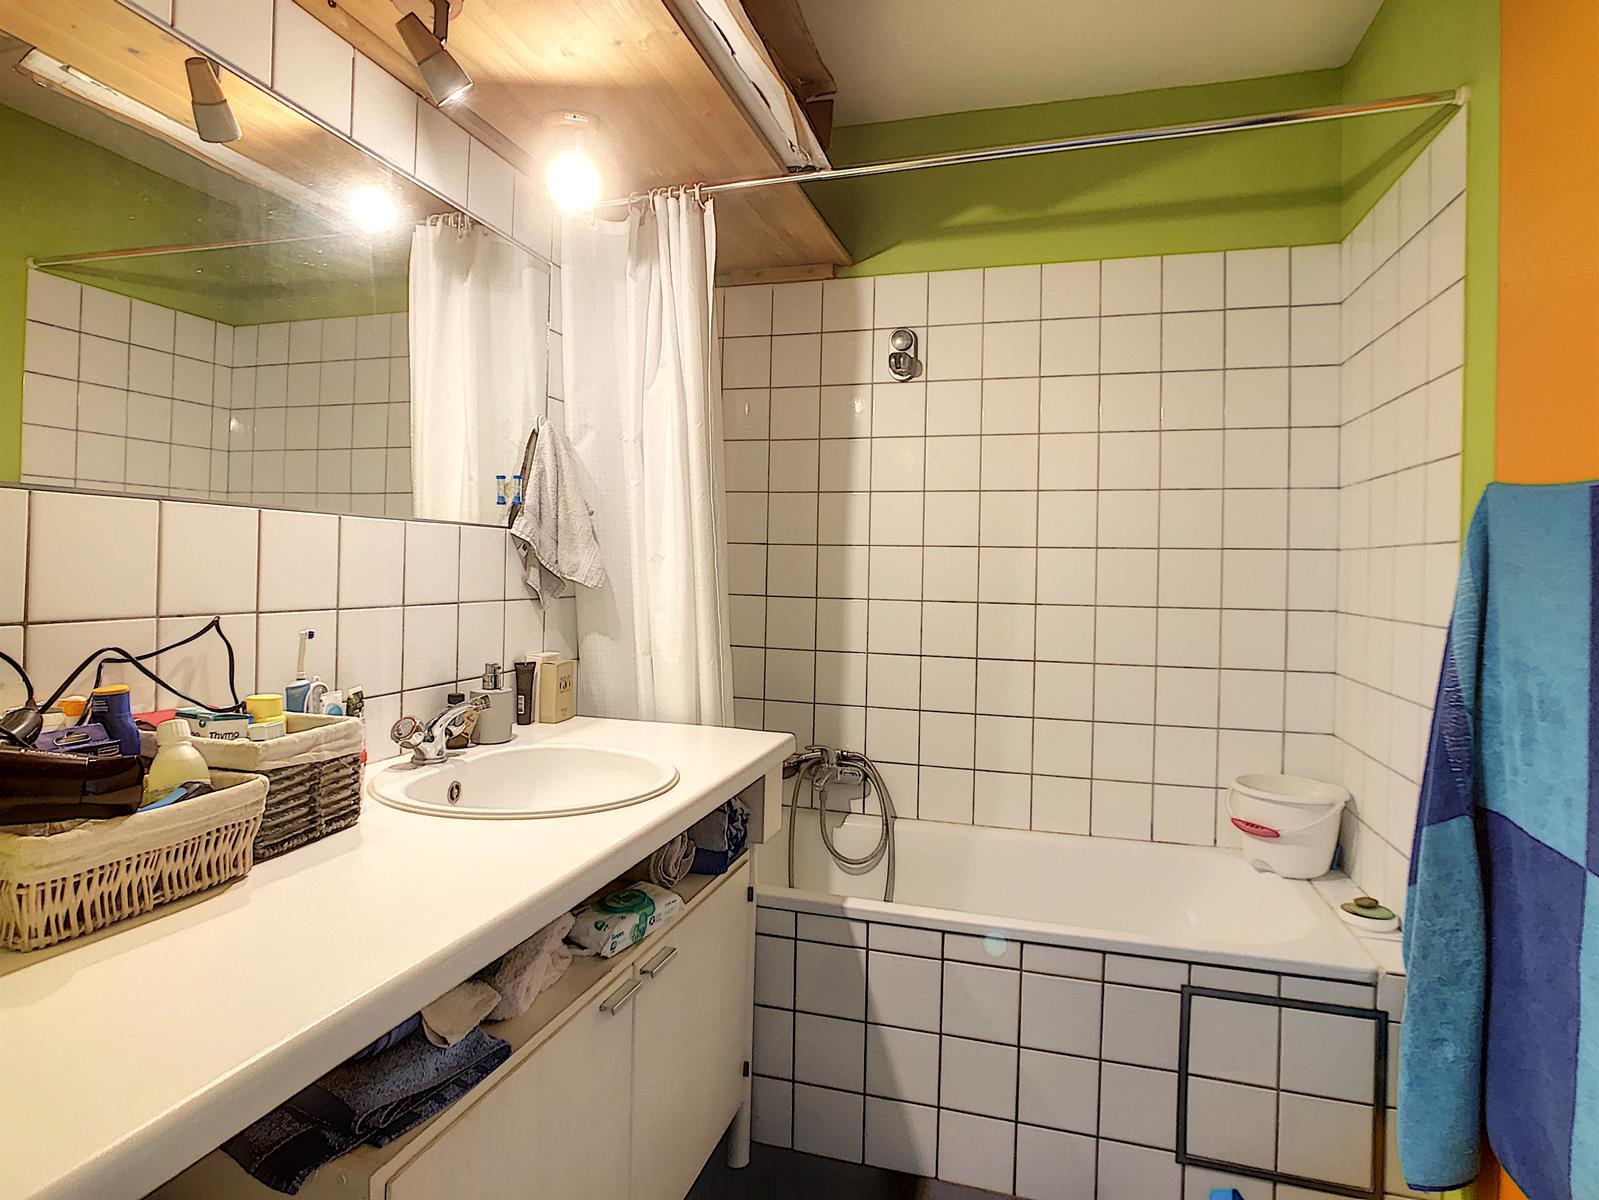 Studio - Ottignies-Louvain-la-Neuve - #4283726-5